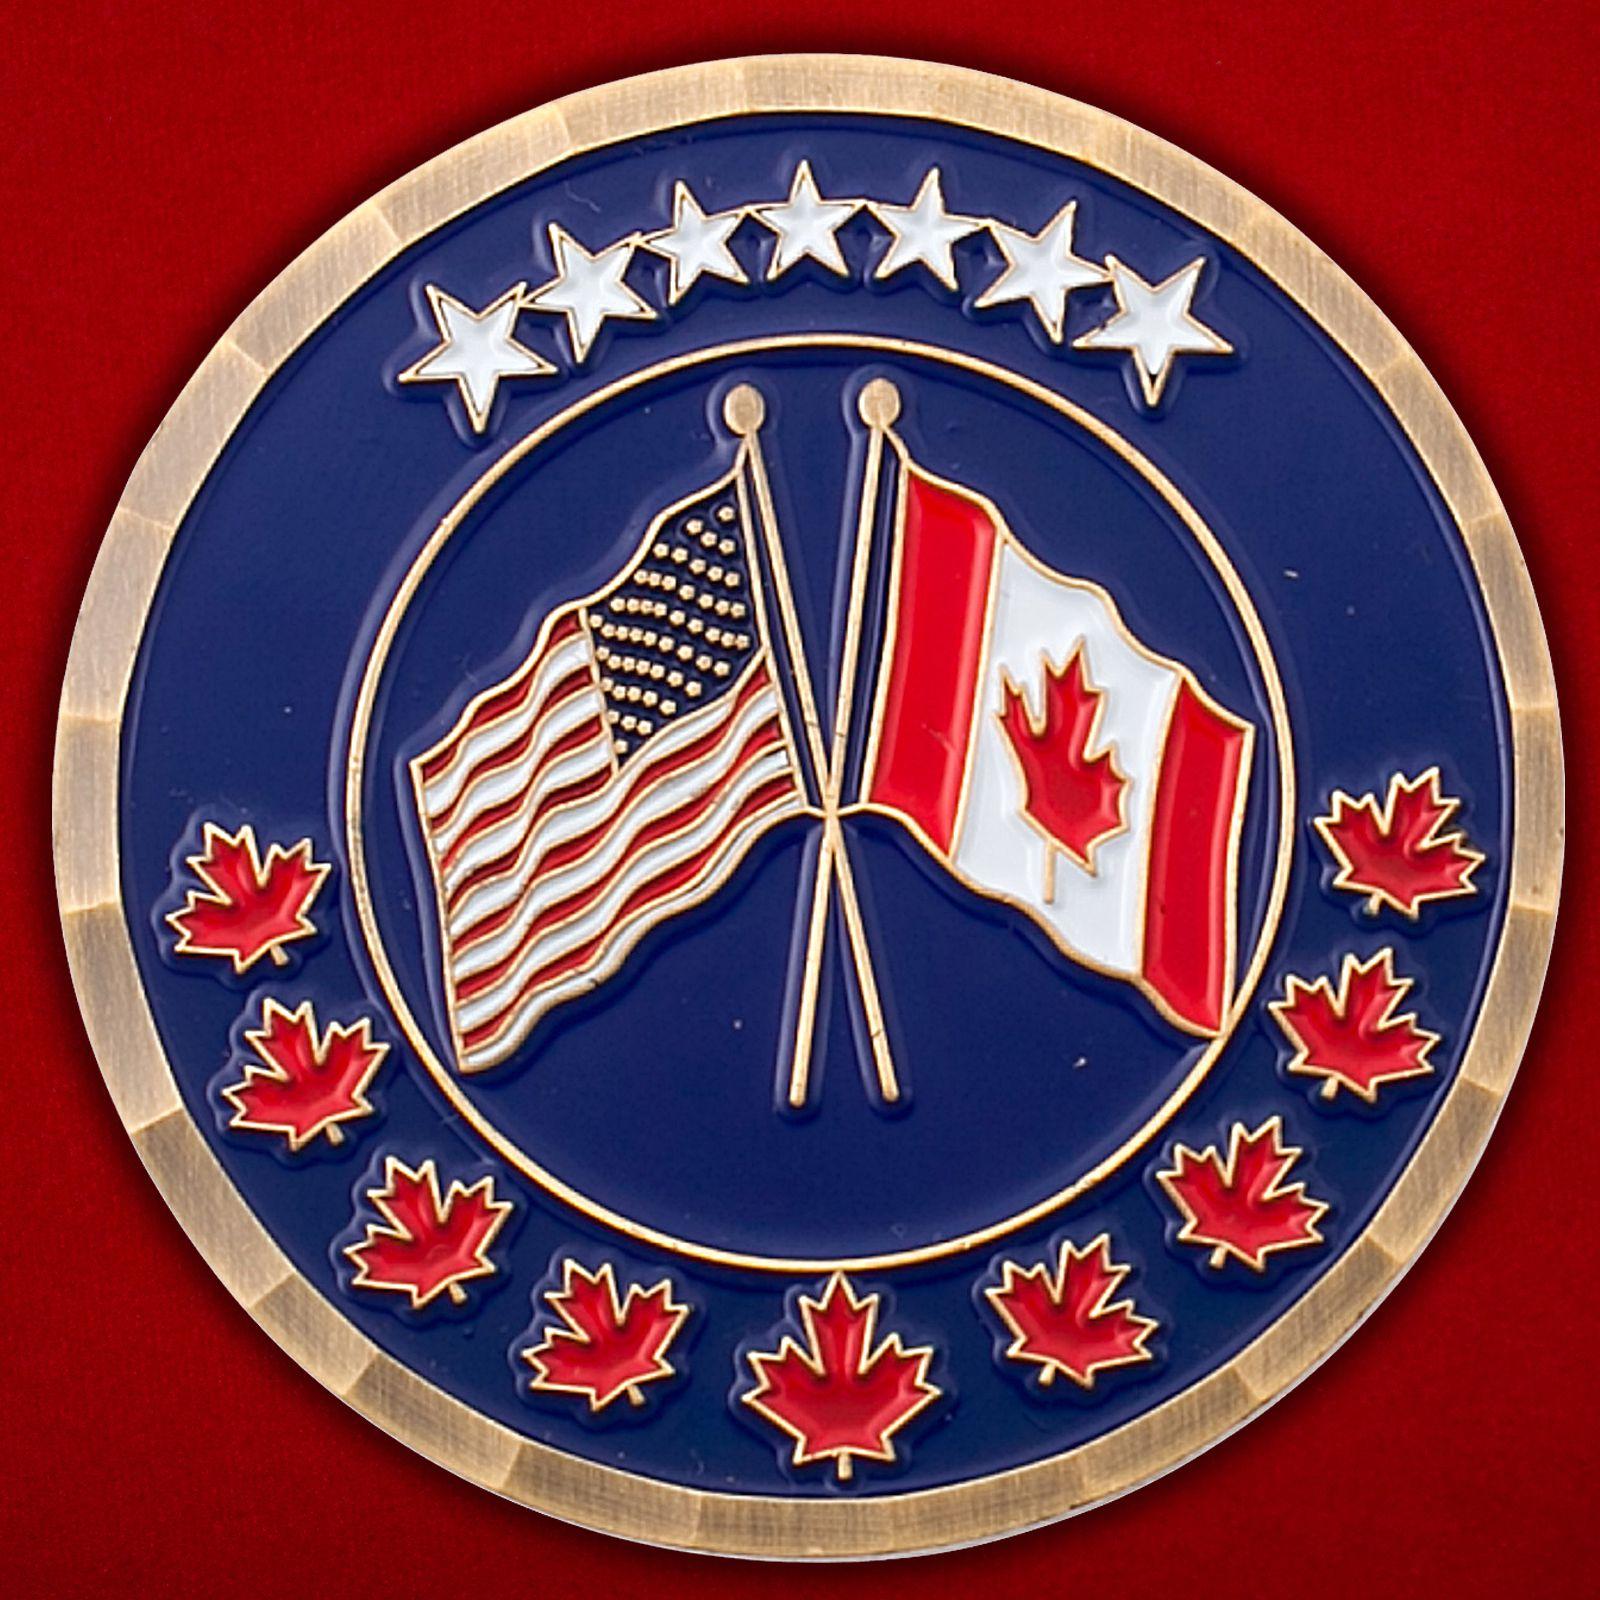 Челлендж коин Посольства США в Канаде